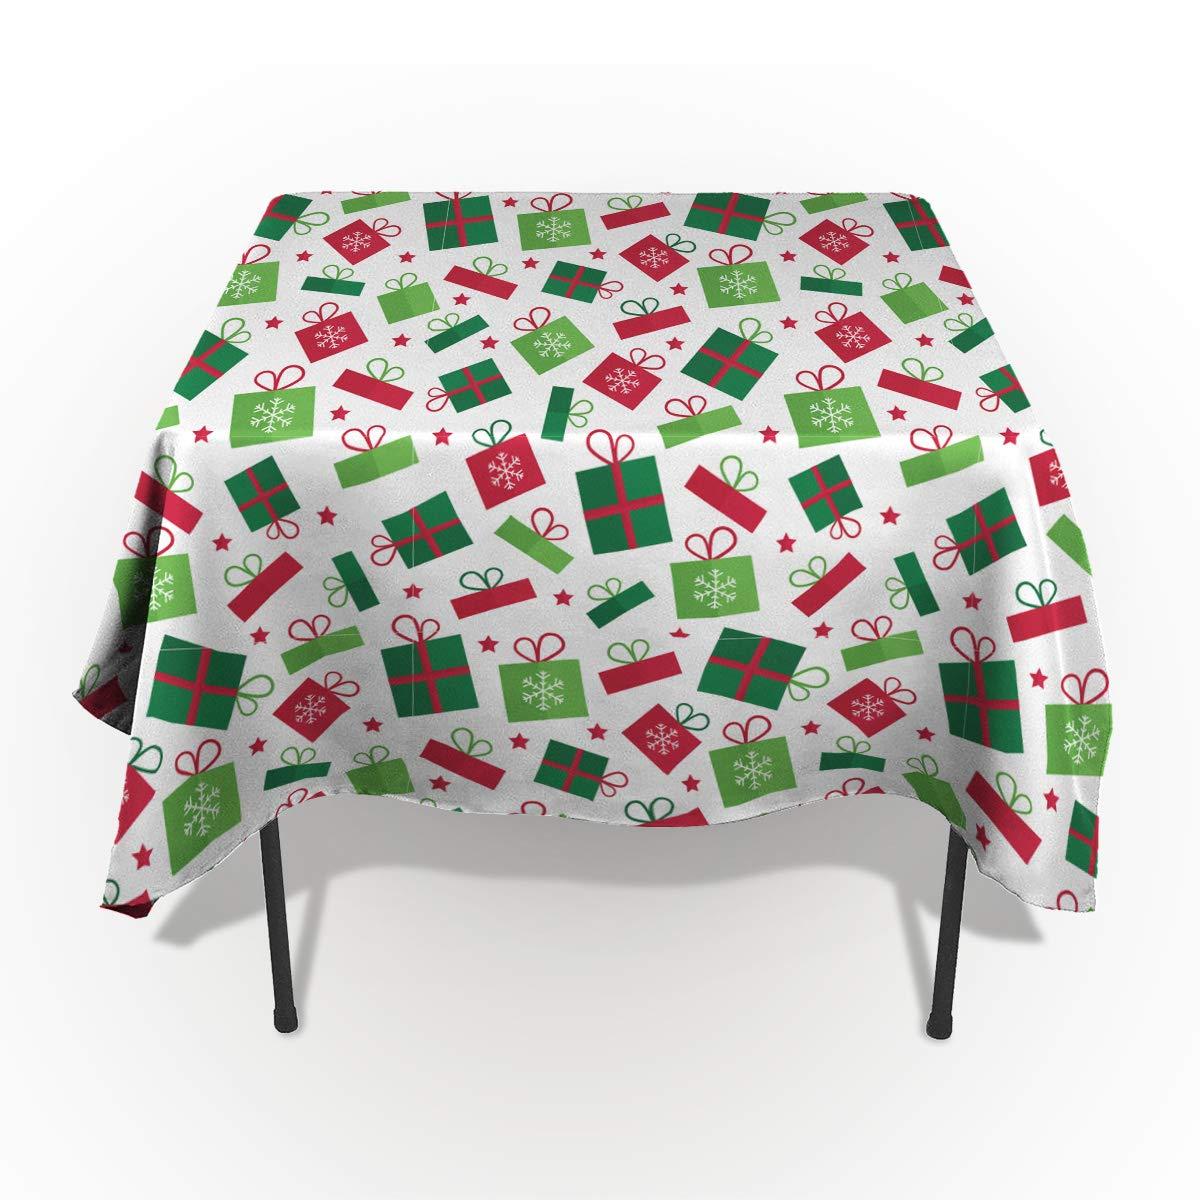 Fantasy Star 長方形ポリエステルテーブルクロス メリークリスマス トナカイテーブルクロス 洗濯機洗い可能 テーブルカバー キッチン ダイニング 宴会 パーティー 60